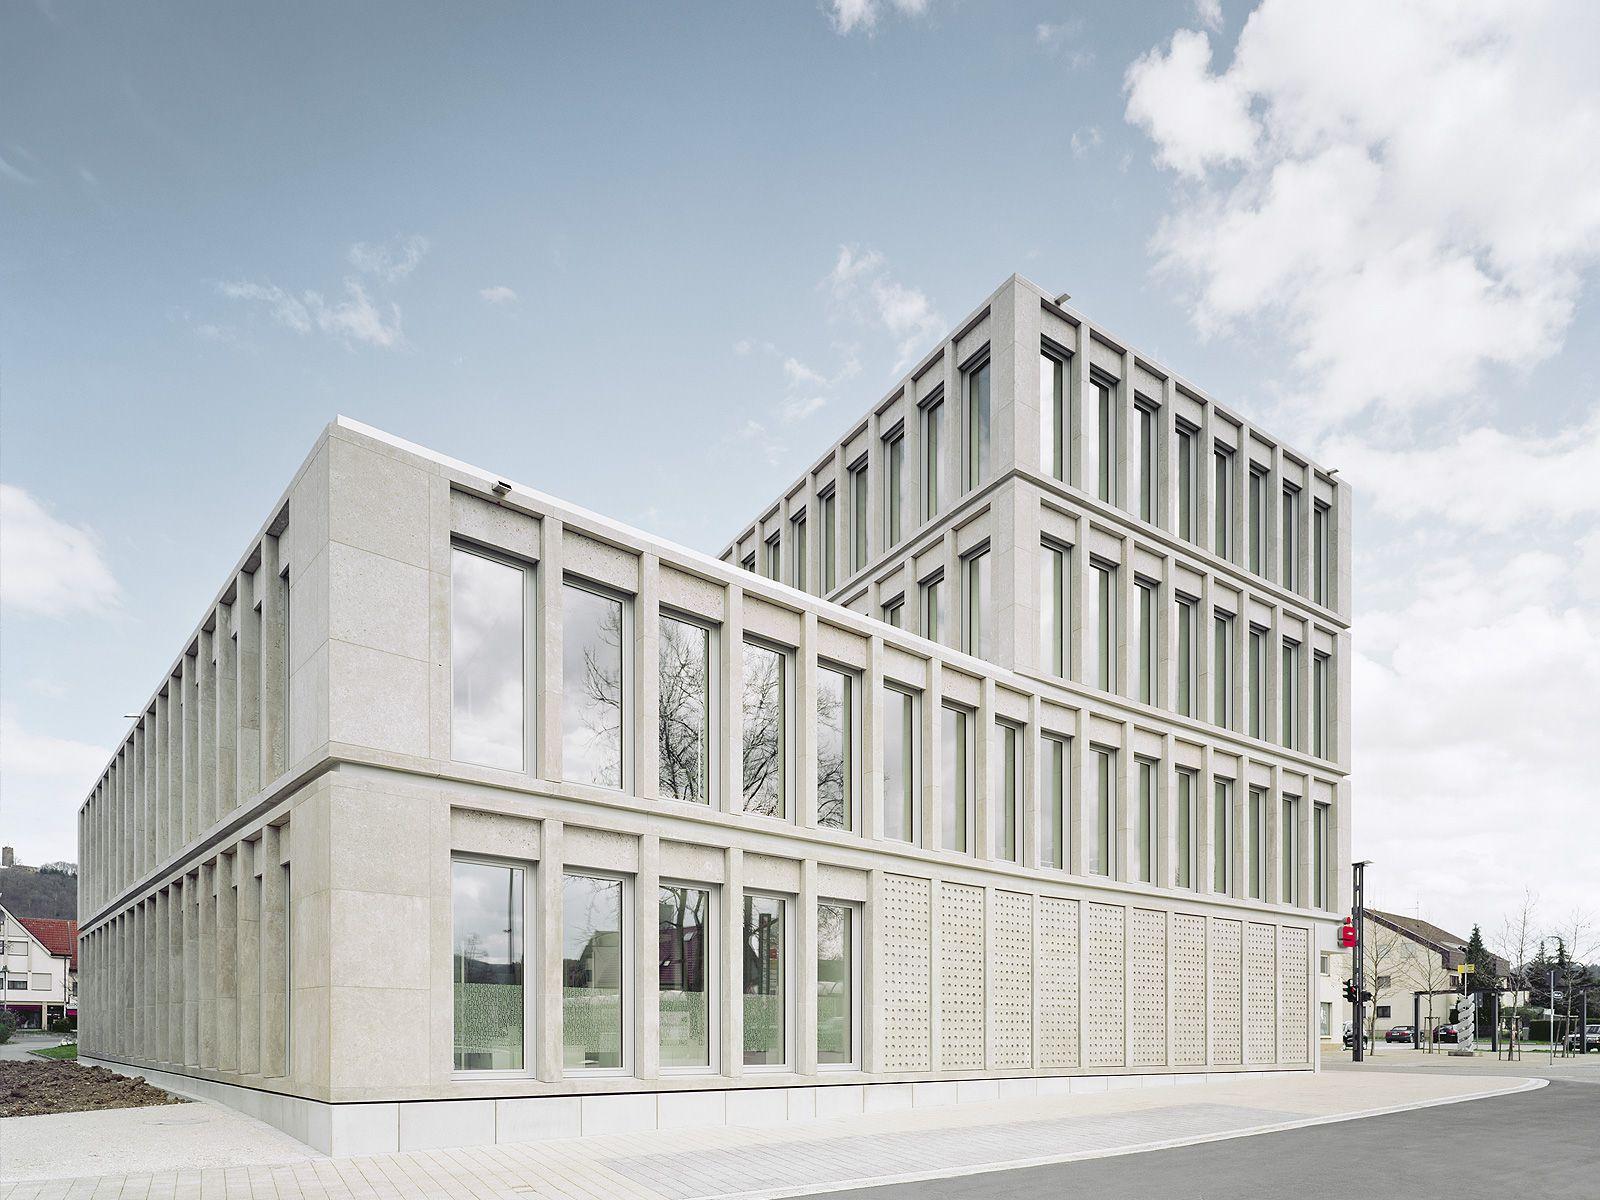 best architects architektur award // dauner rommel schalk ...